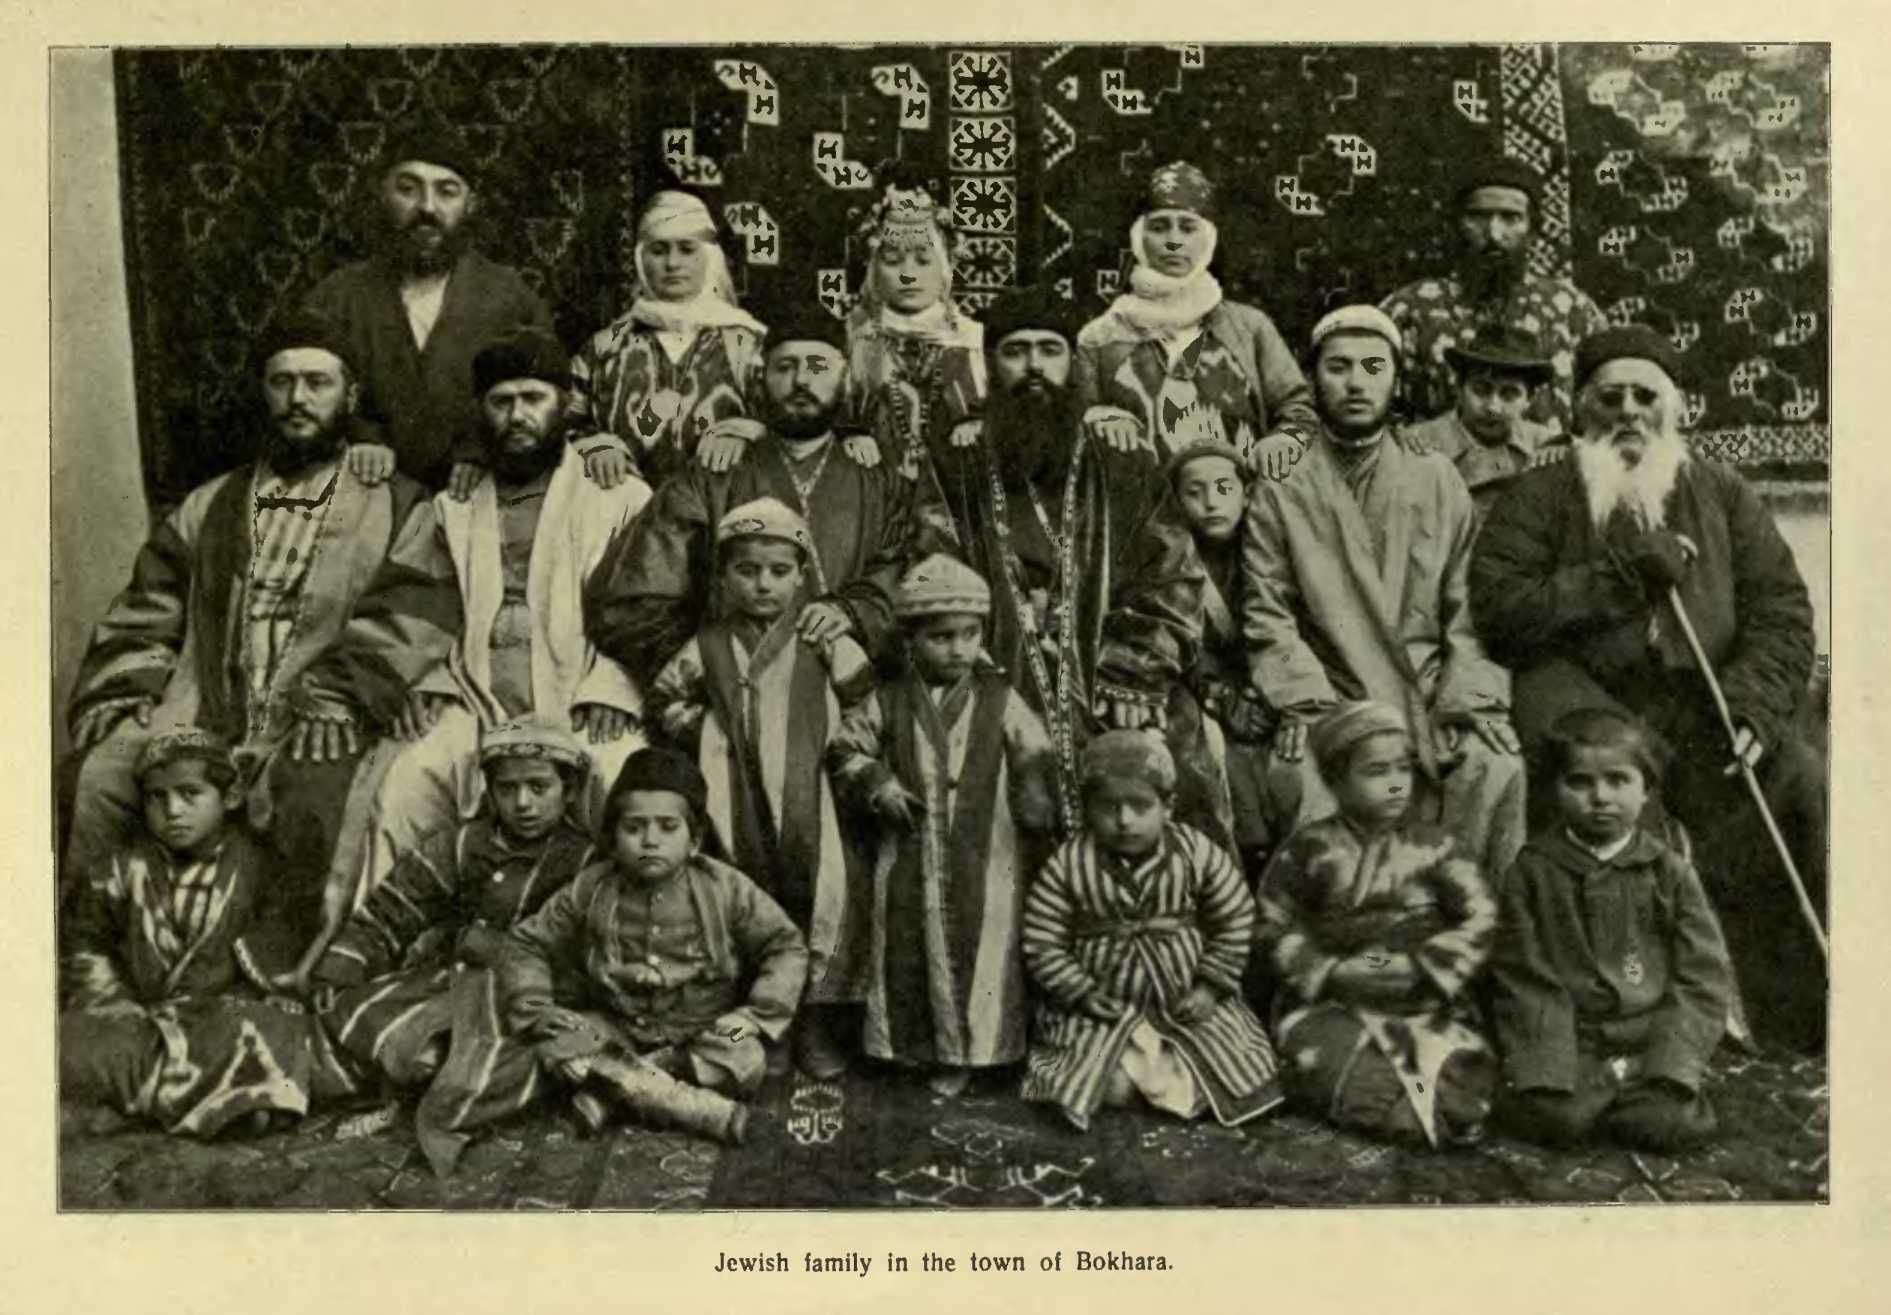 Народы Узбекистана. Евреи среднеазиатские (бухарские, афганские и иранские)